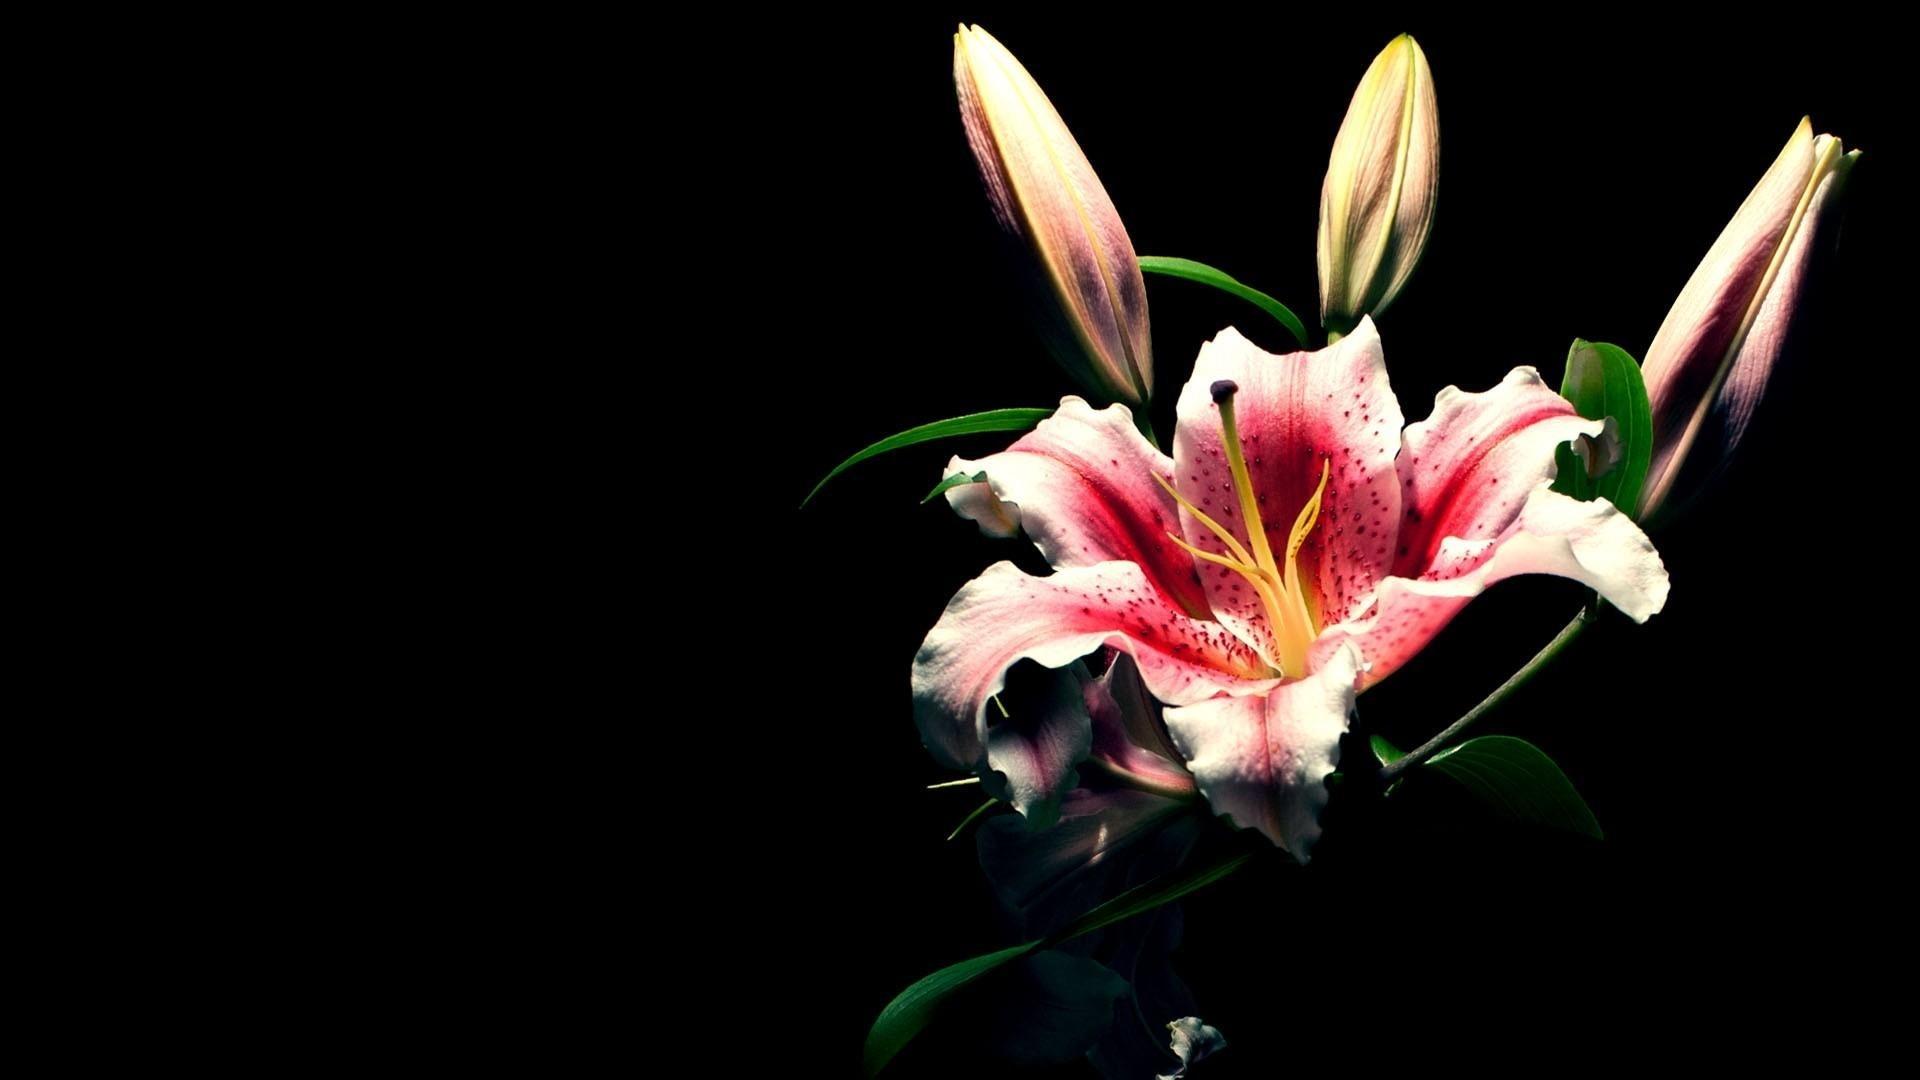 White Lily Flower Wallpaper for PC Full HD Pictures | Wallpapers 4k |  Pinterest | White lily flower, Flower wallpaper and Wallpaper